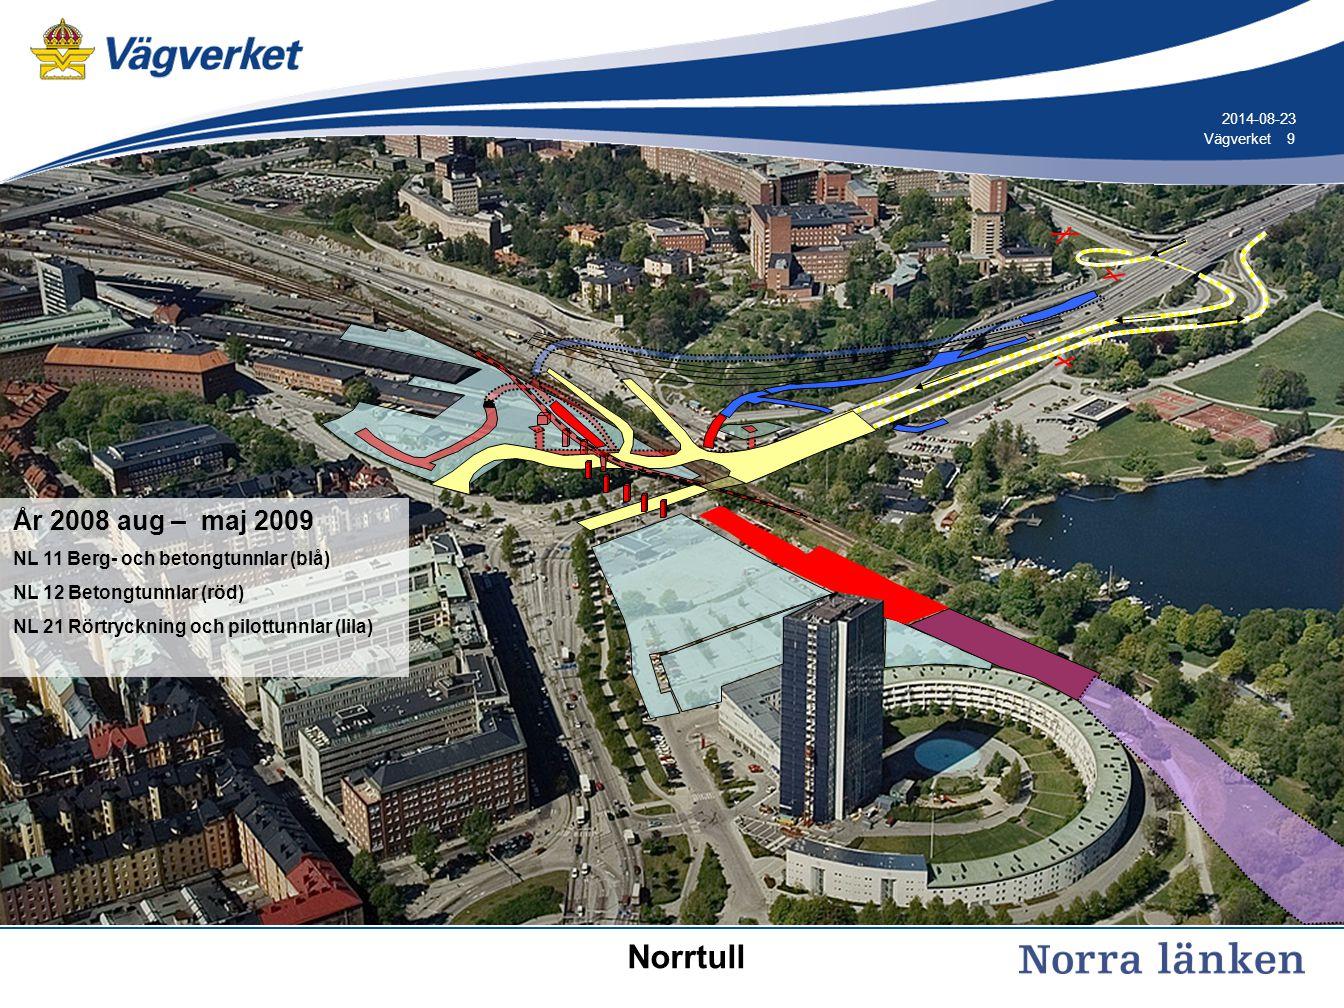 9 9Vägverket 2014-08-23 År 2008 aug – maj 2009 NL 11 Berg- och betongtunnlar (blå) NL 12 Betongtunnlar (röd) NL 21 Rörtryckning och pilottunnlar (lila